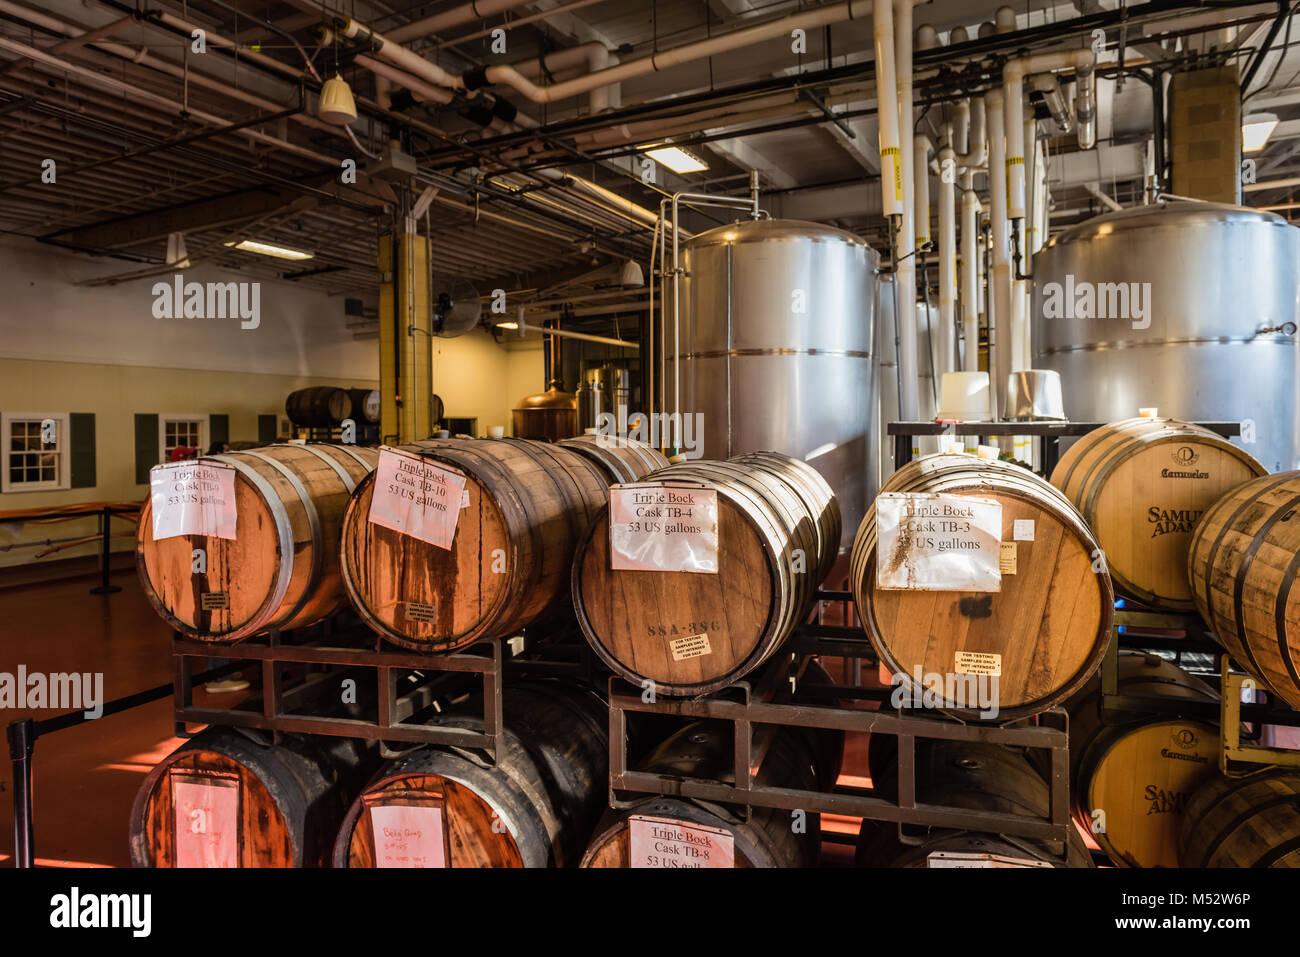 Samuel Adams Beer Stock Photos & Samuel Adams Beer Stock